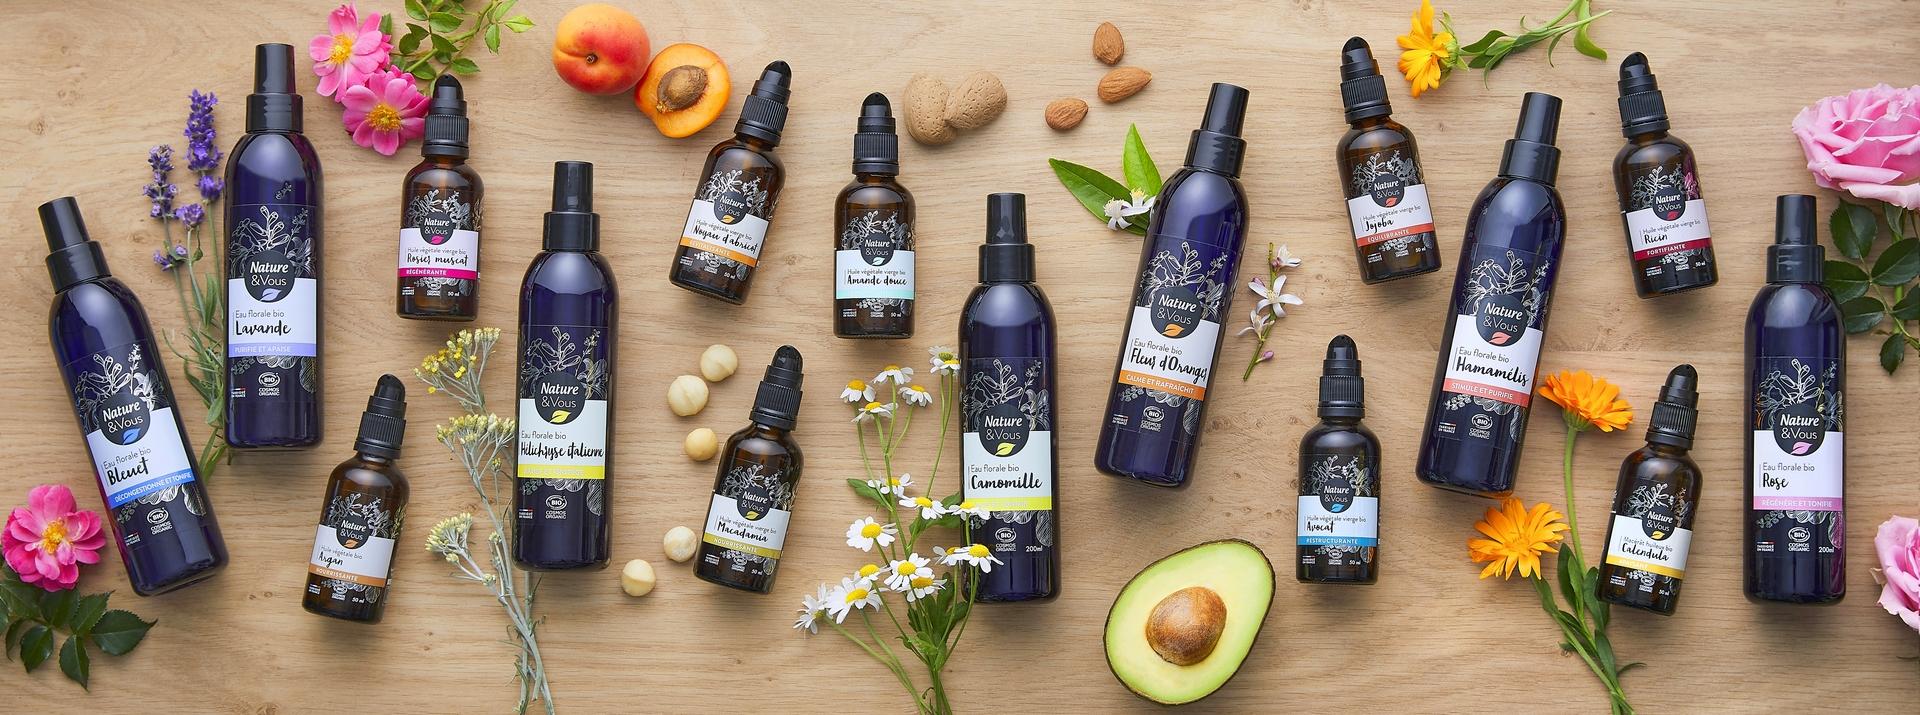 Les huiles végétales et les eaux florales bio Nature et Vous